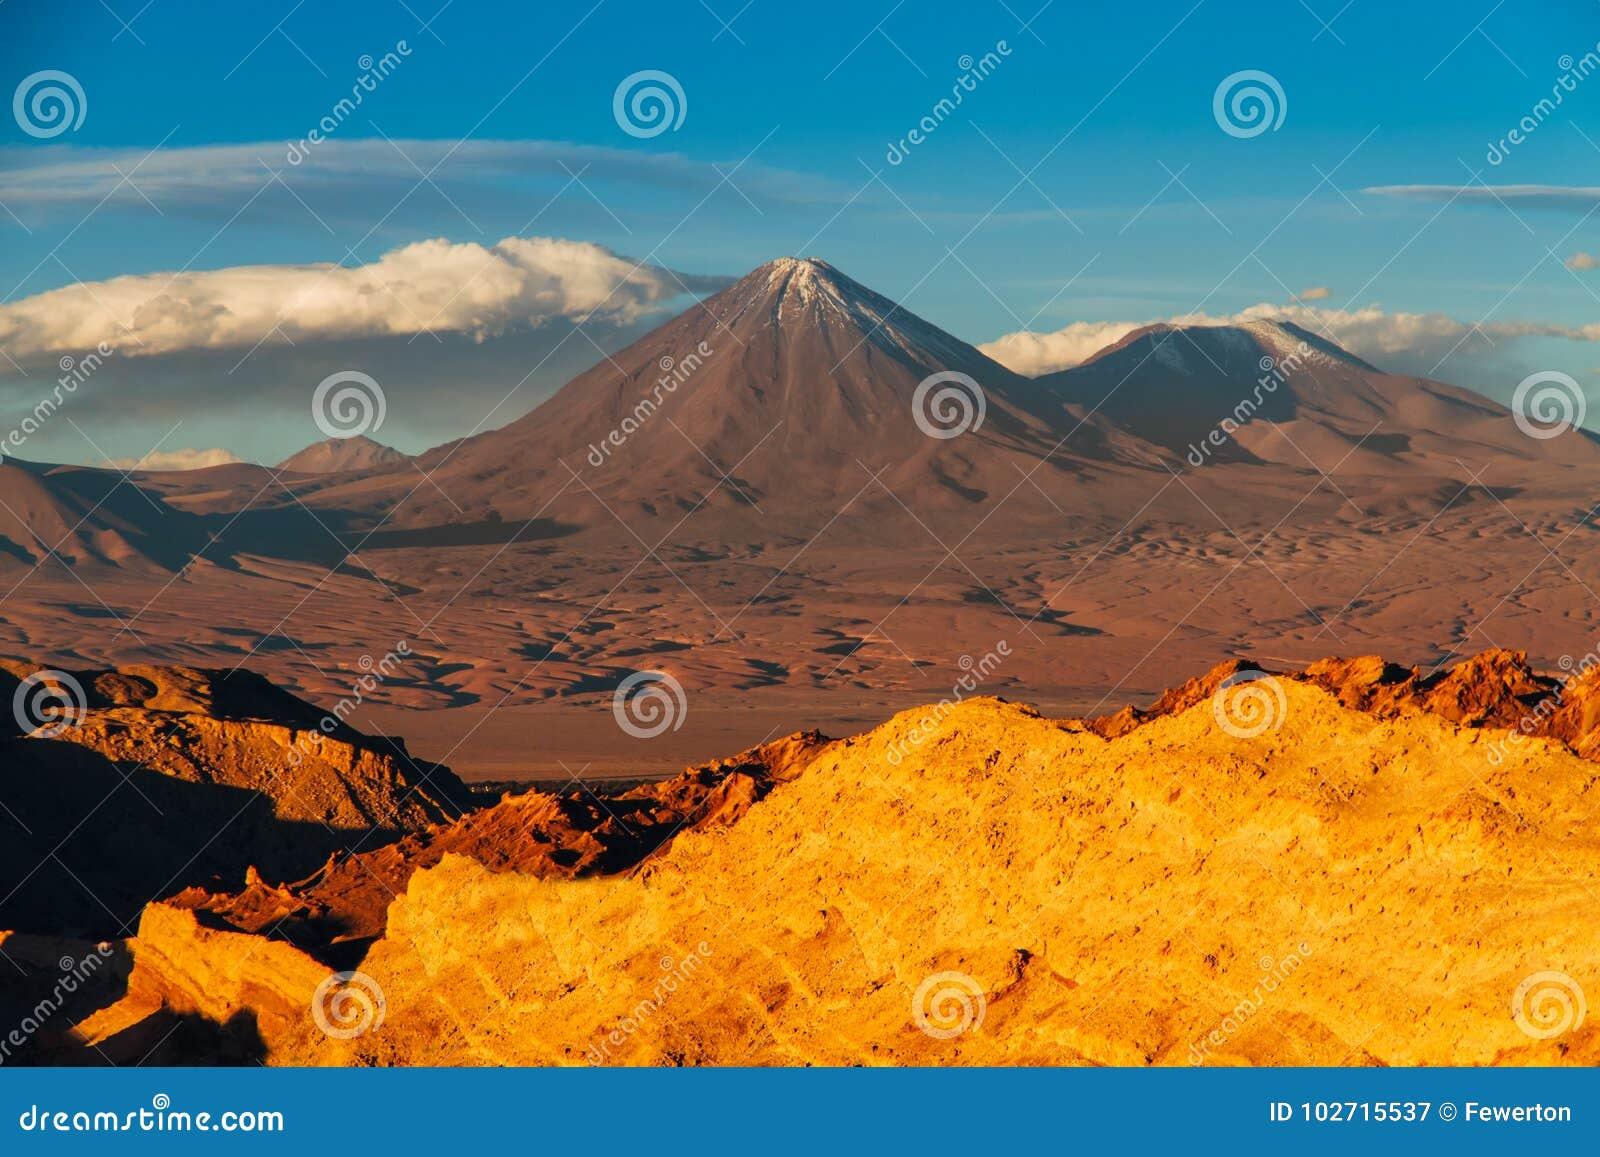 Ajardine de Valle de la Muerte no espanhol, o Vale da Morte com os vulcões Licancabur e Juriques no deserto de Atacama